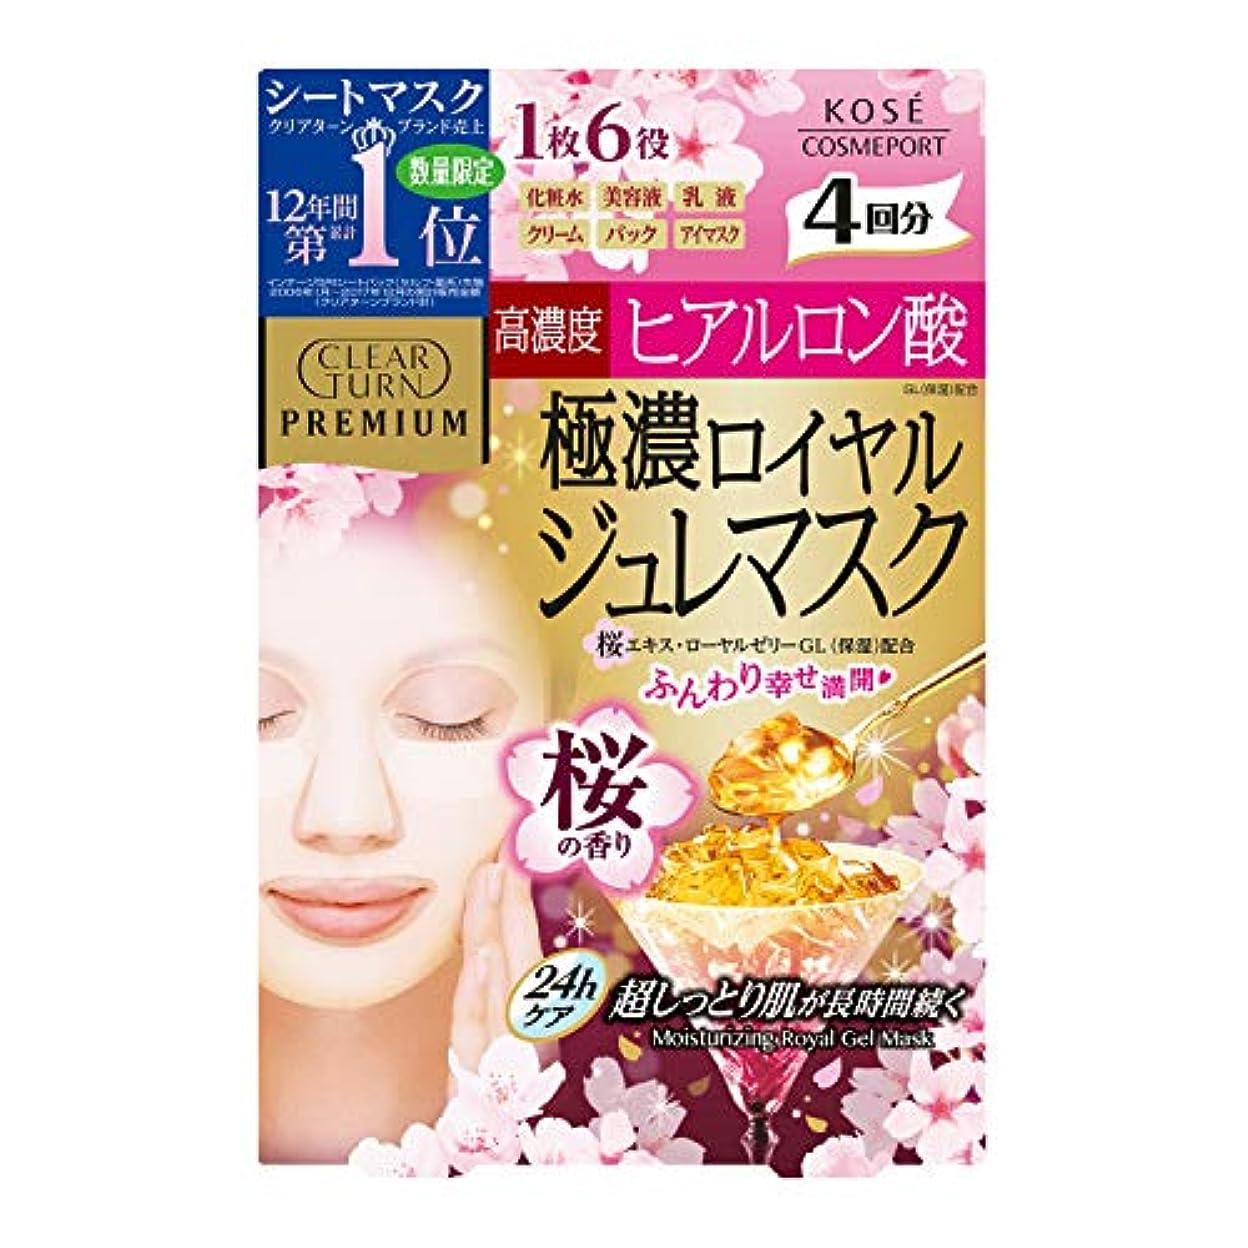 がっかりしたアルバム鹿KOSE クリアターン プレミアムロイヤルジュレマスク(ヒアルロン酸)4回 桜の香り